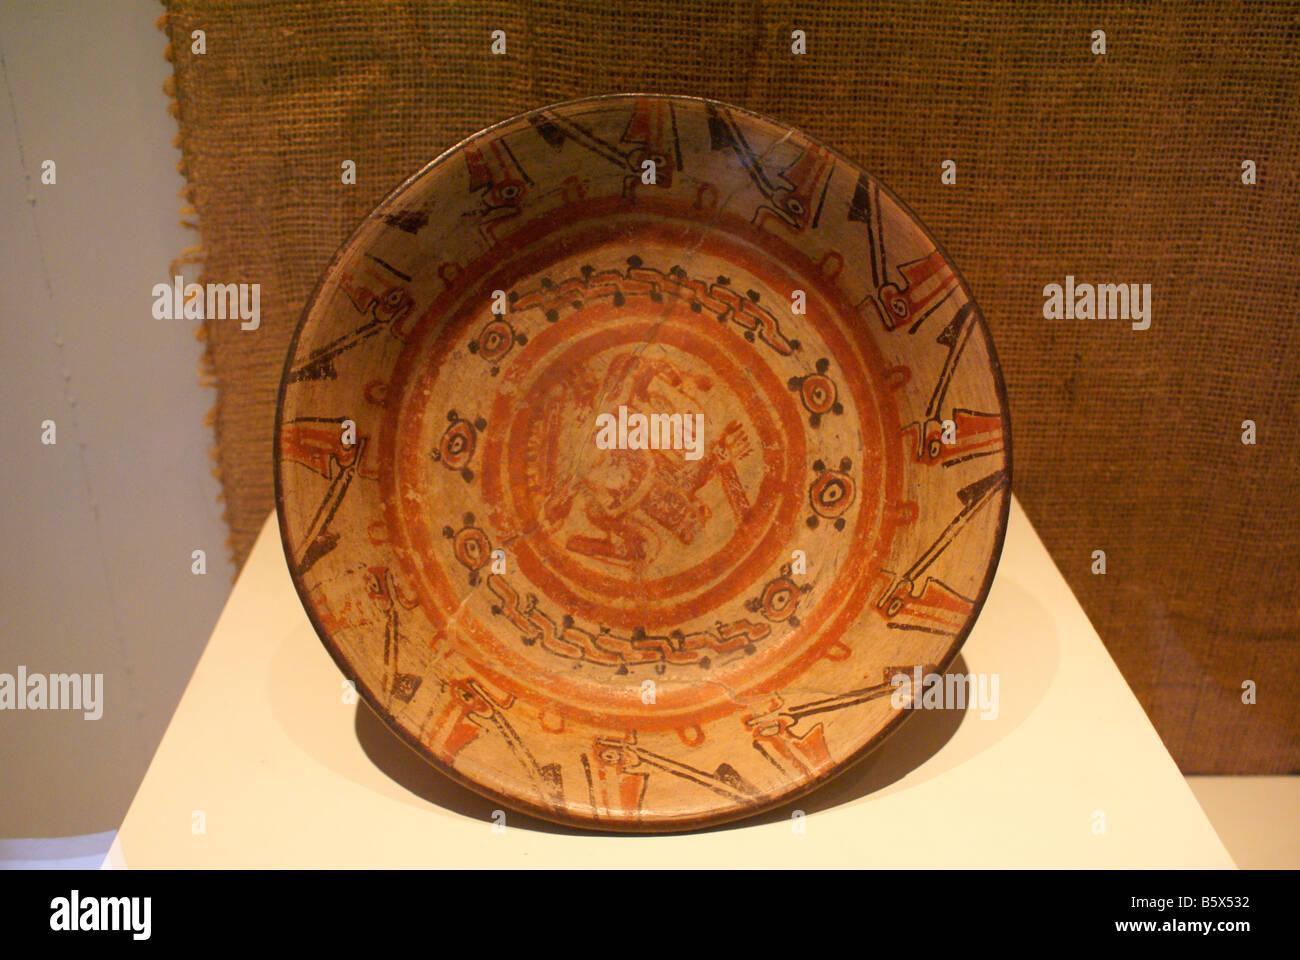 Mayan jaguar plate in the Museo Nacional de Antropologia David J Guzman national anthropology museum in San Salvador - Stock Image